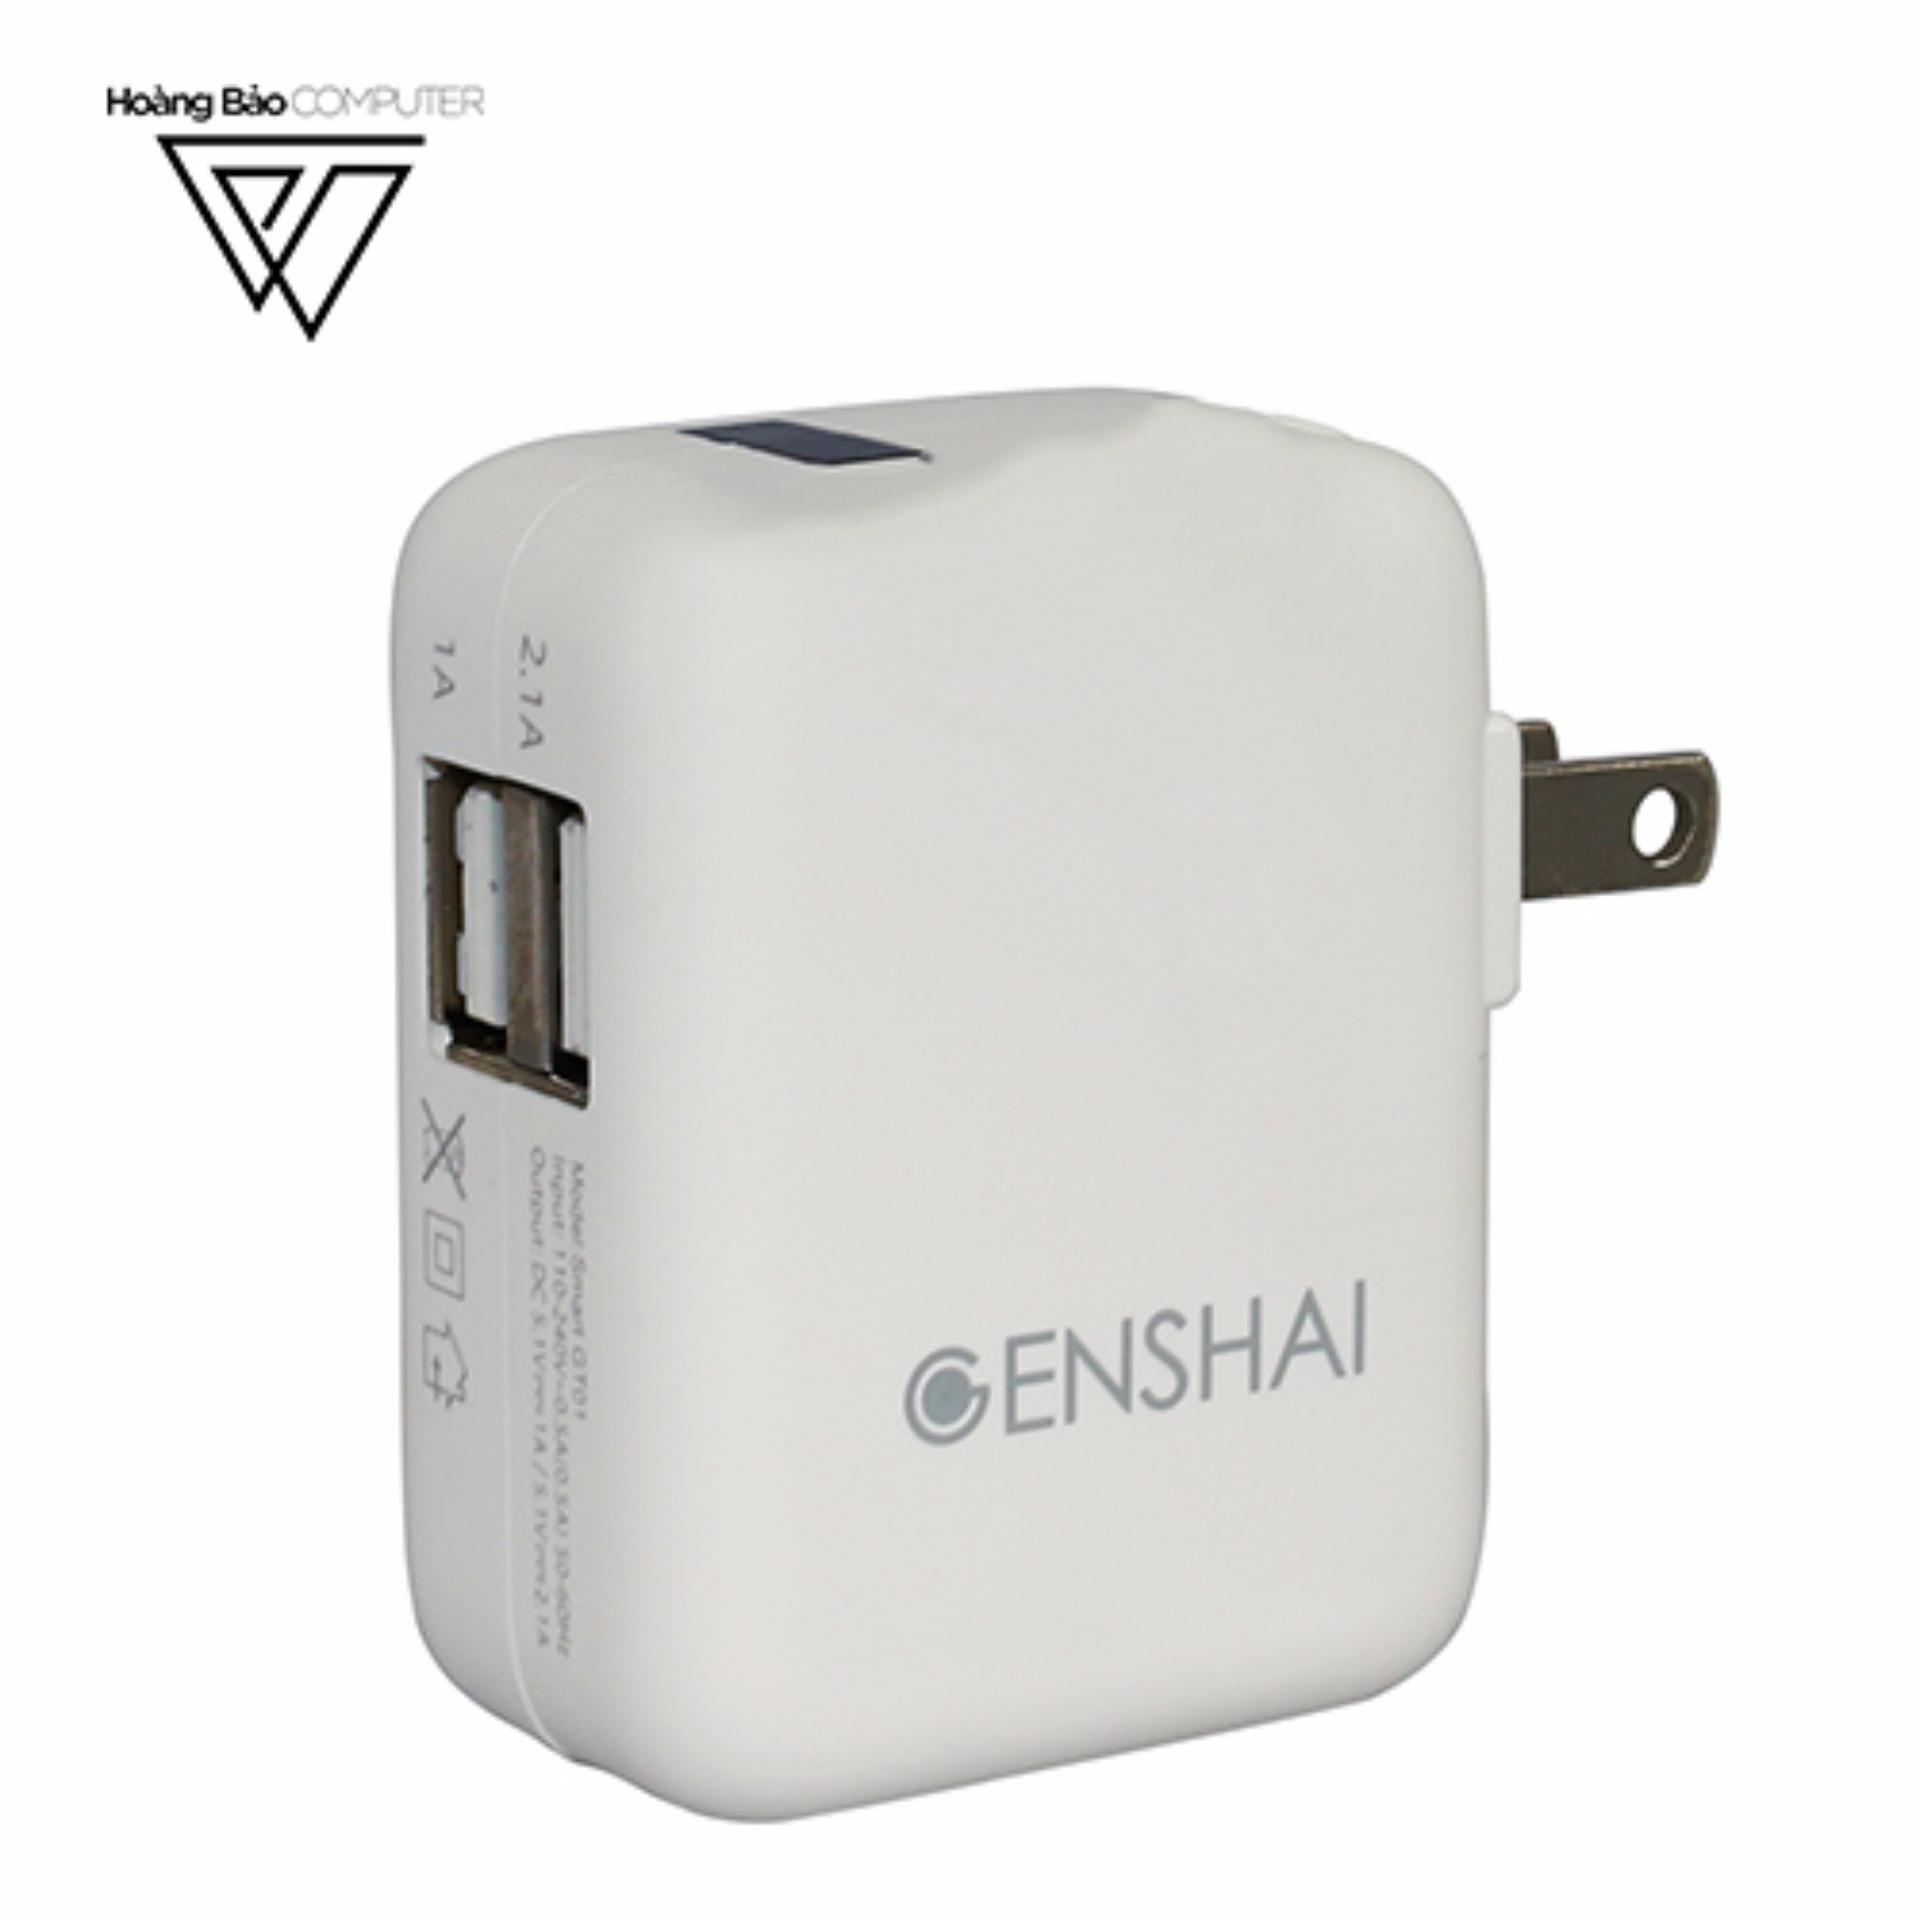 SẠC AC TIỆN DỤNG GENSHAI SMART GT01 - Hãng phân phối chính thức